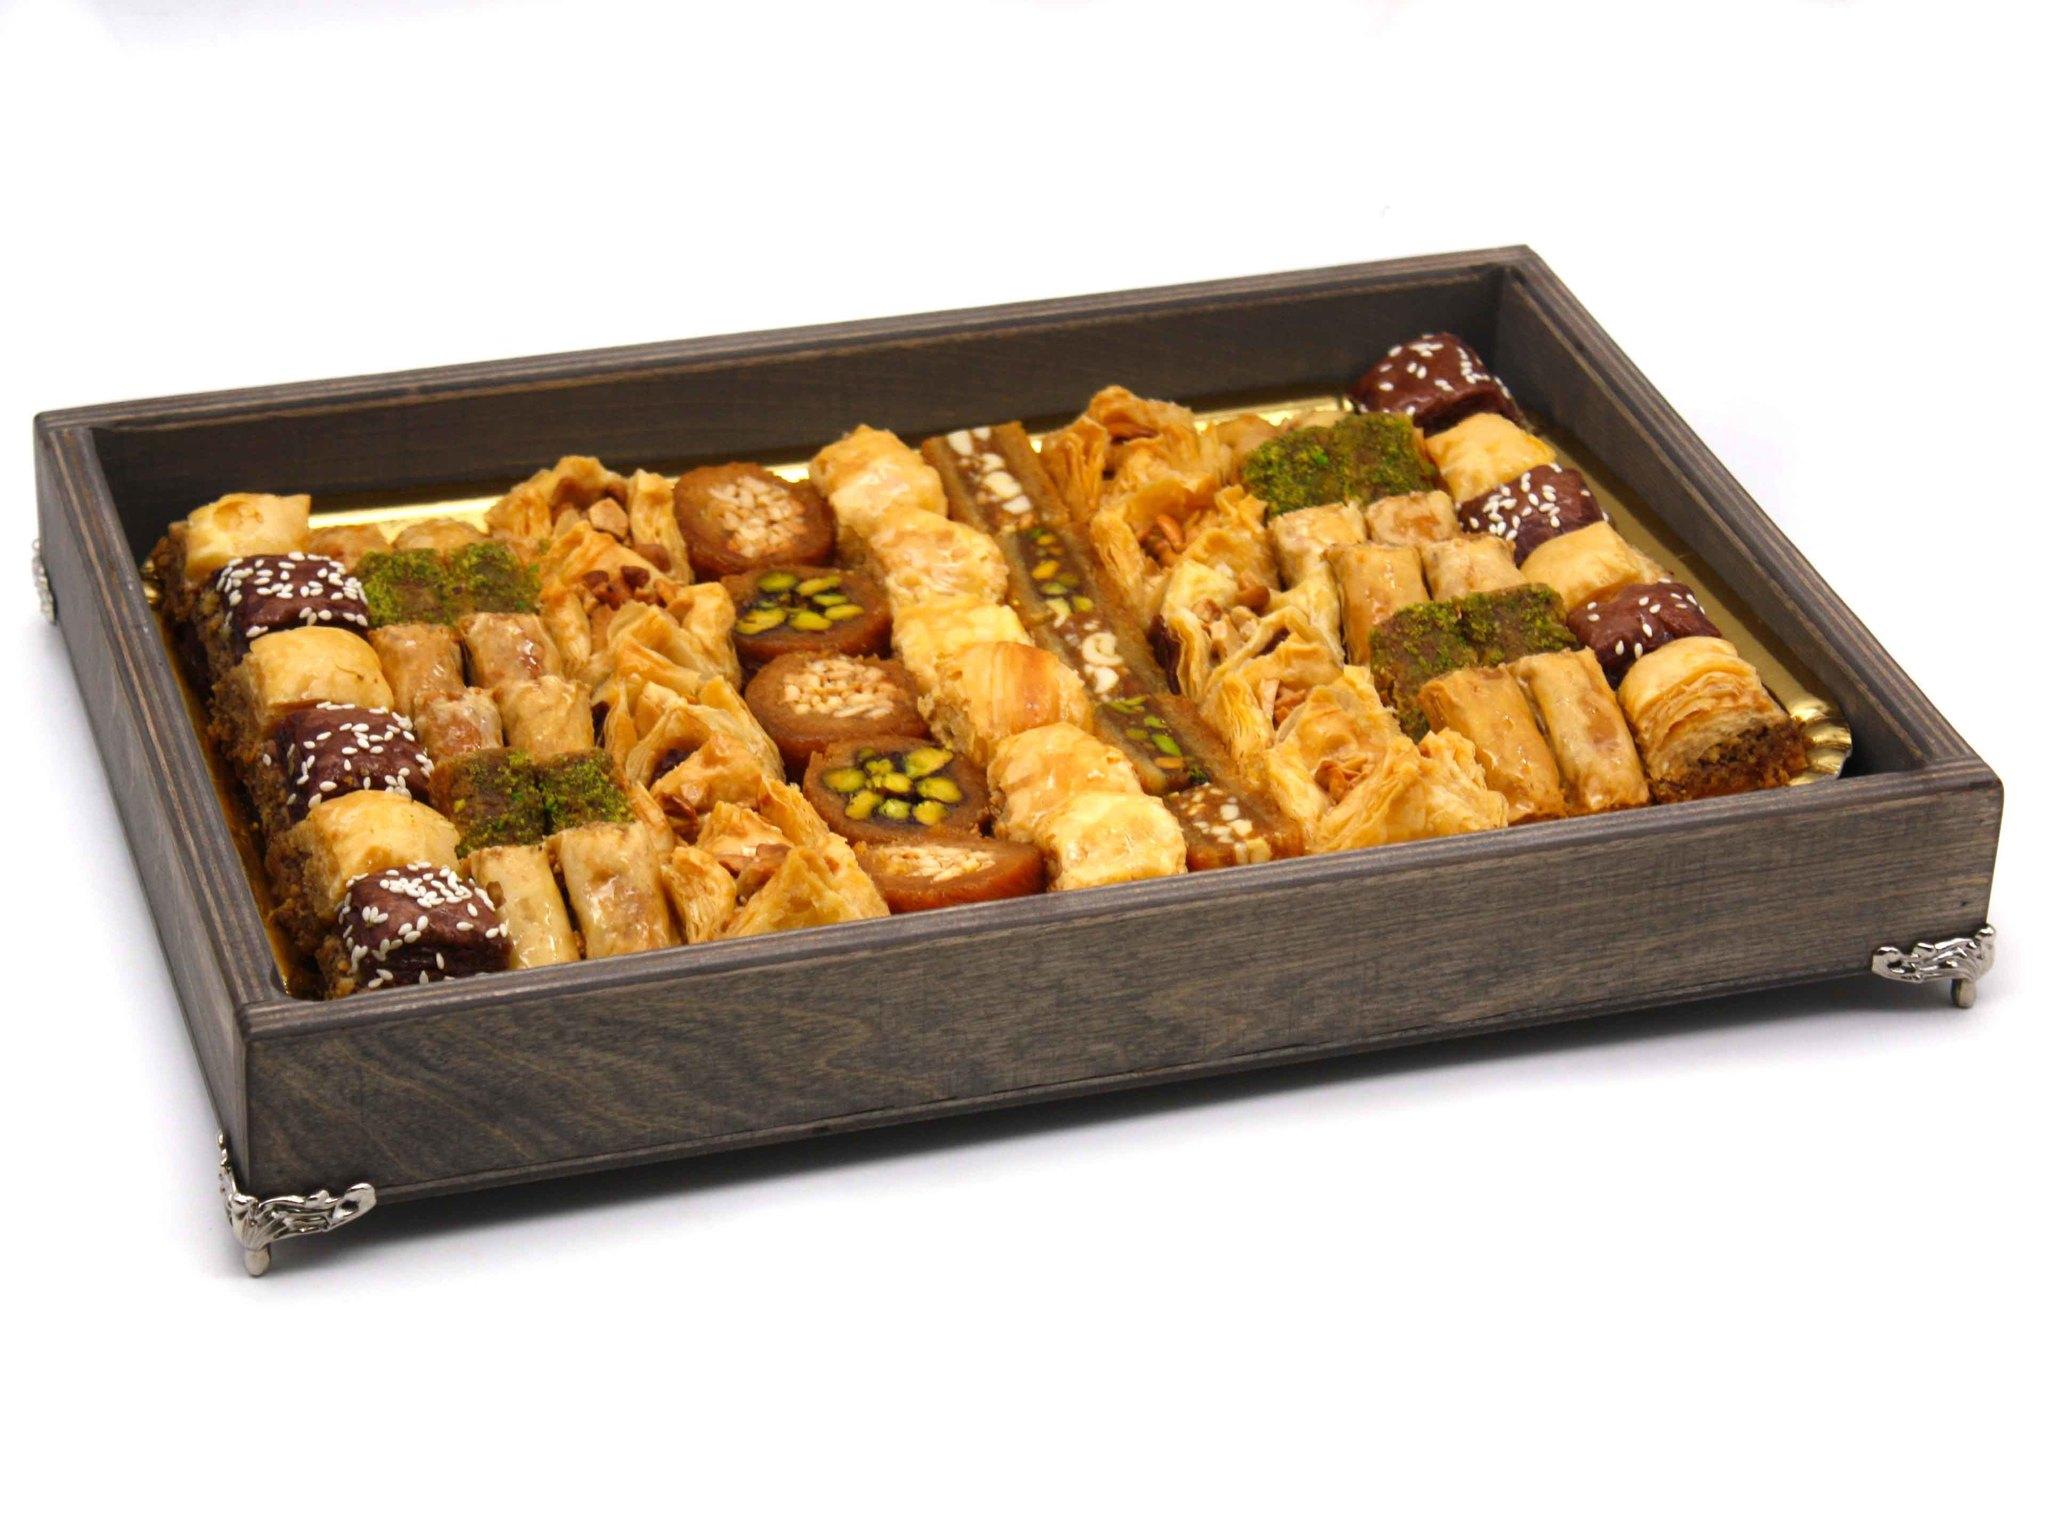 """Подарочные наборы Подарочное ассорти ливанских сладостей """"Признание"""", 1000 г import_files_54_541d7060d36a11e79a0ffcaa1488e48f_669fcbff233211eaa9c6484d7ecee297.jpg"""